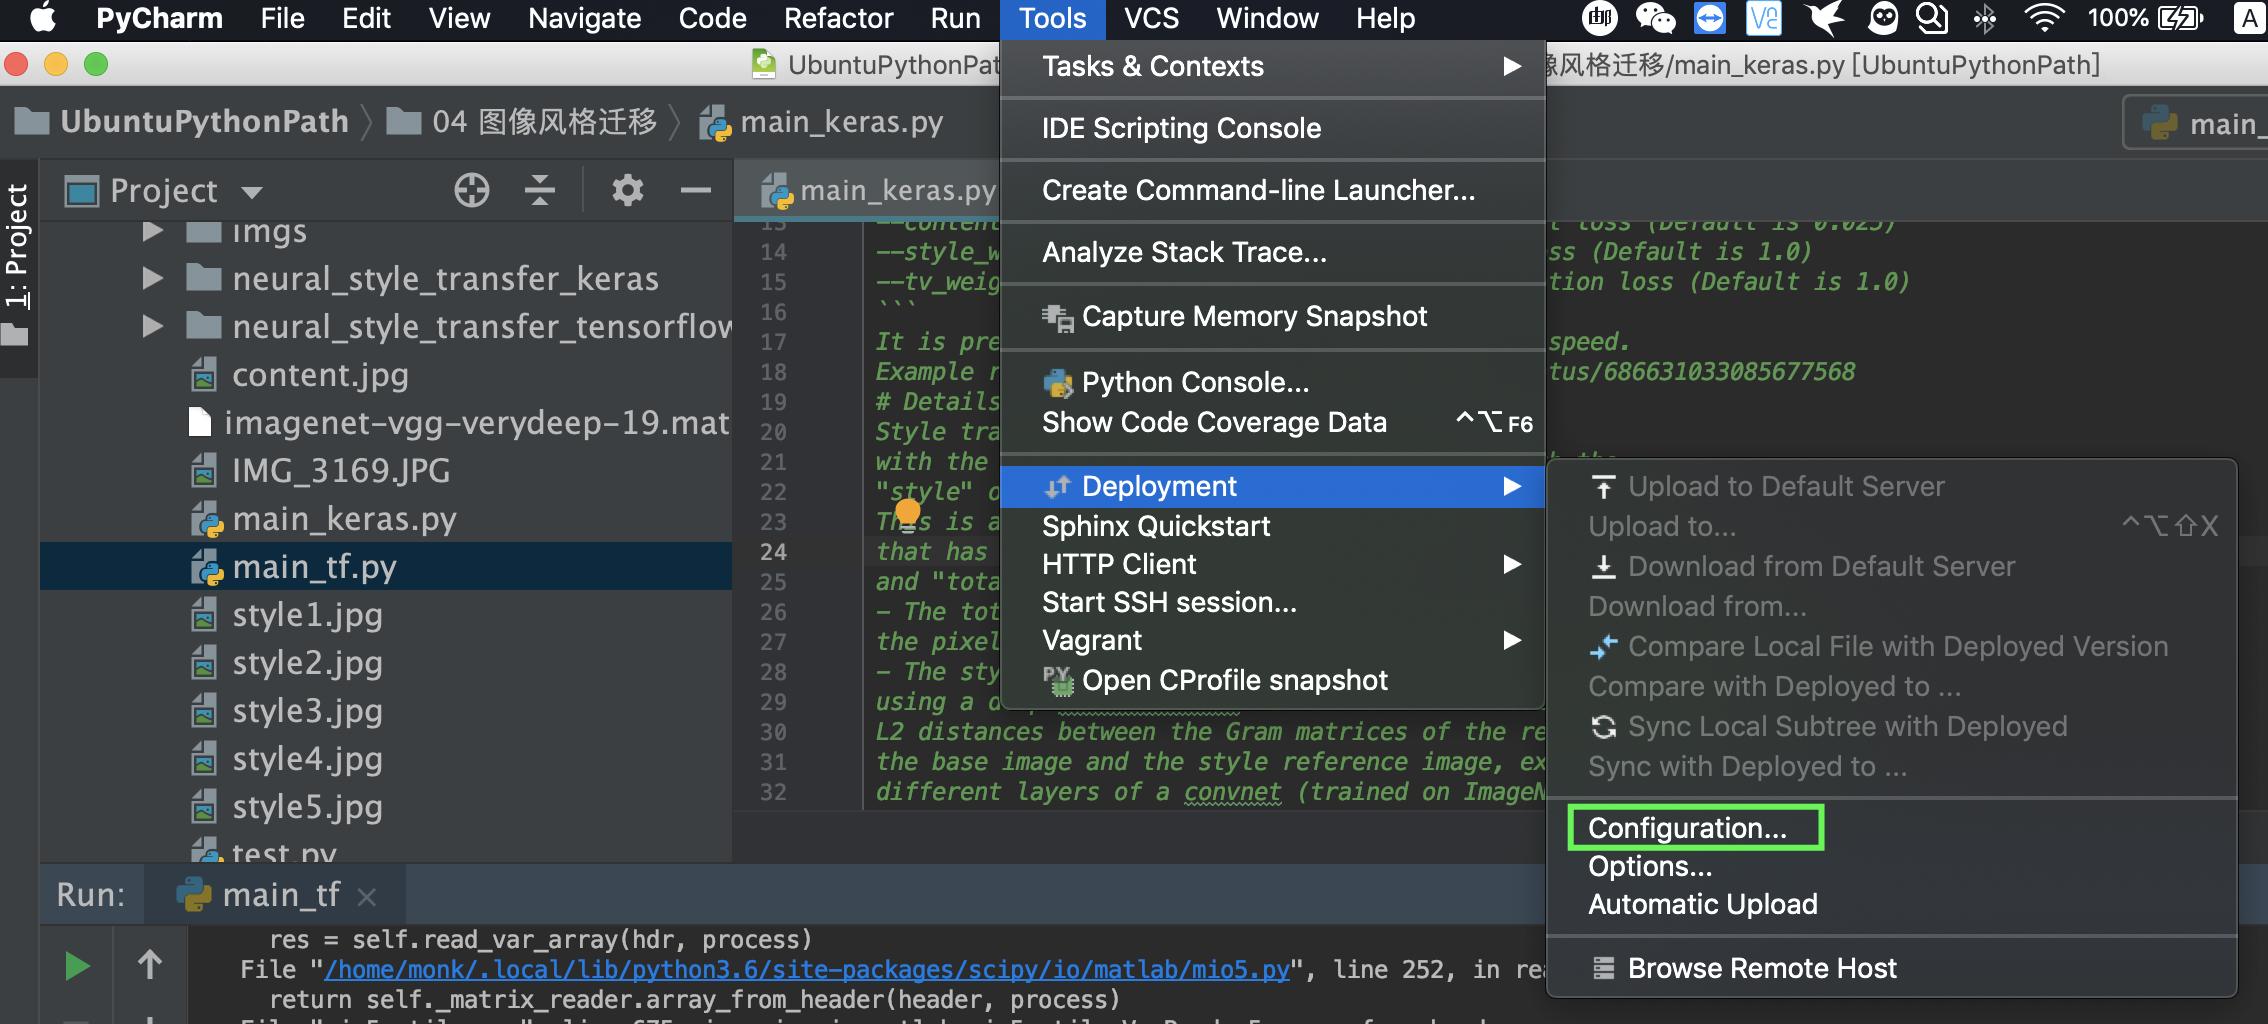 Pycharm专业版实现远程开发,MacBook连接远程GPU服务器进行机器学习-机器在学习